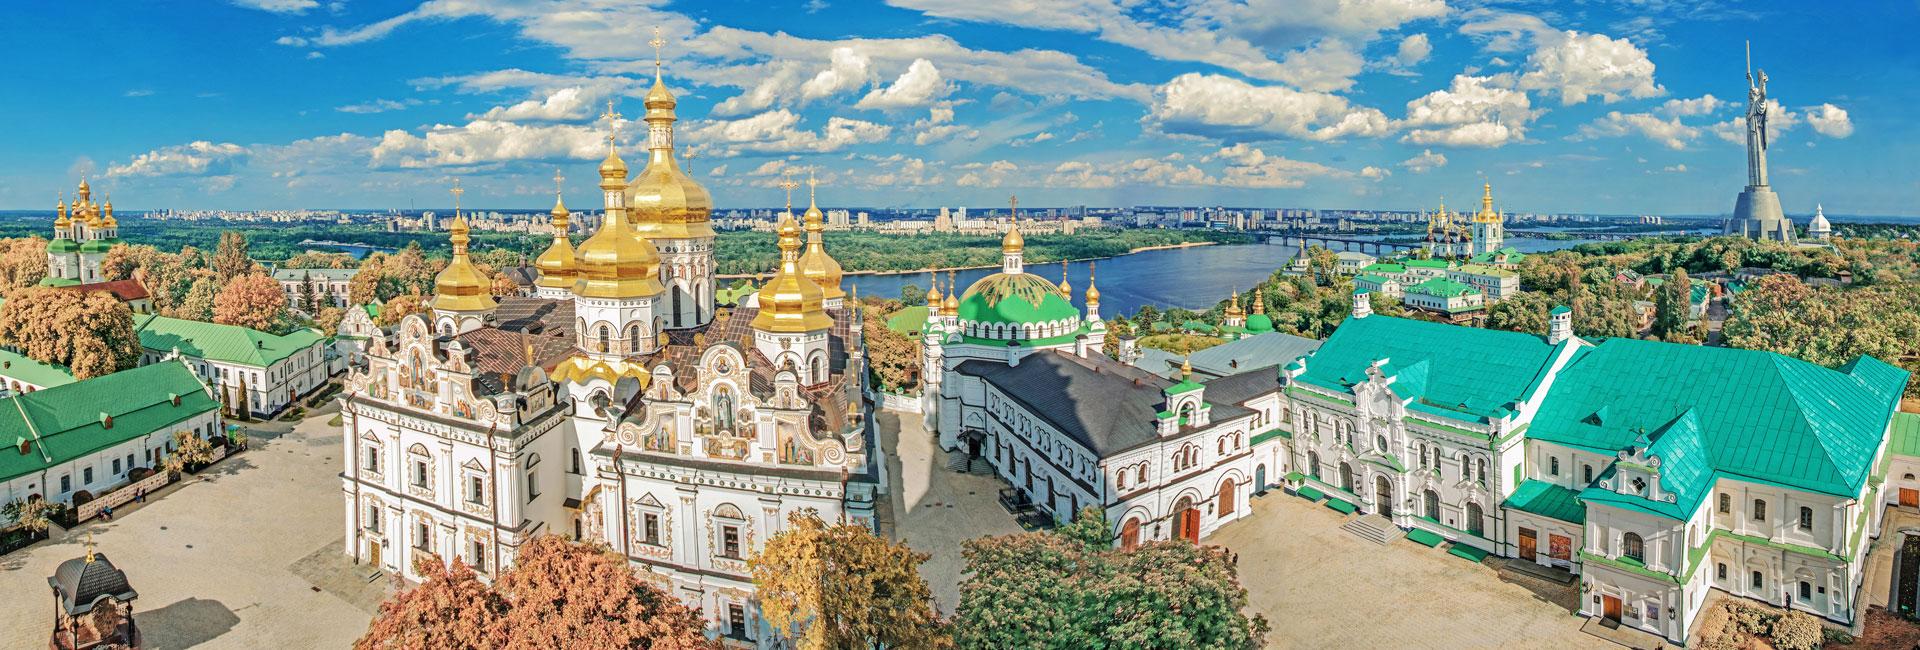 Ansicht Ukraine